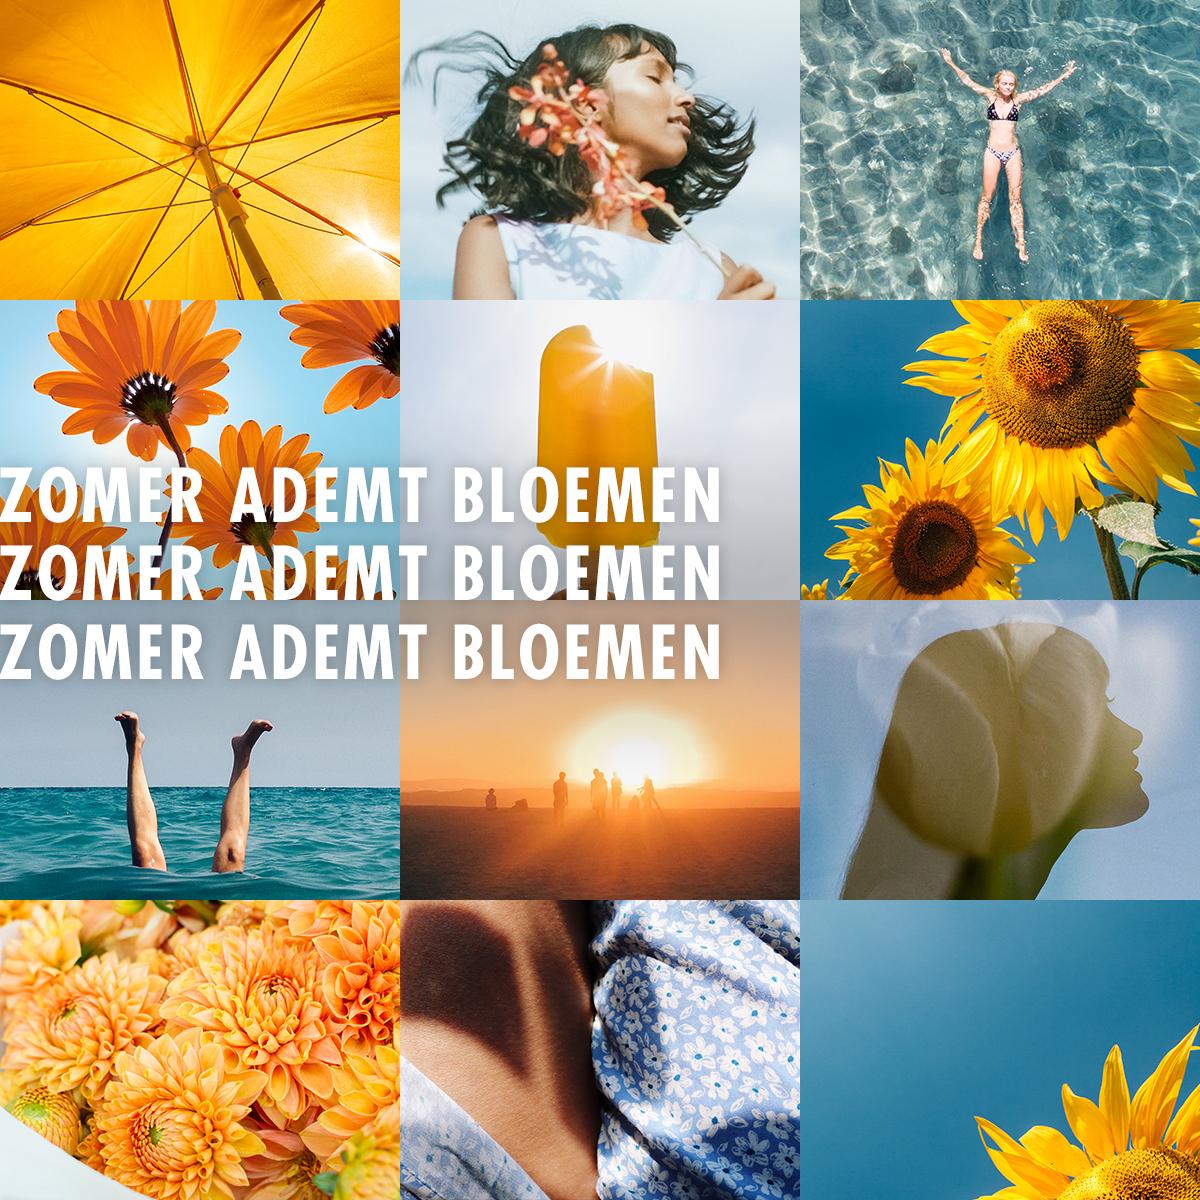 Zomer ademt bloemen 2020 - Mooiwatbloemendoen.nl